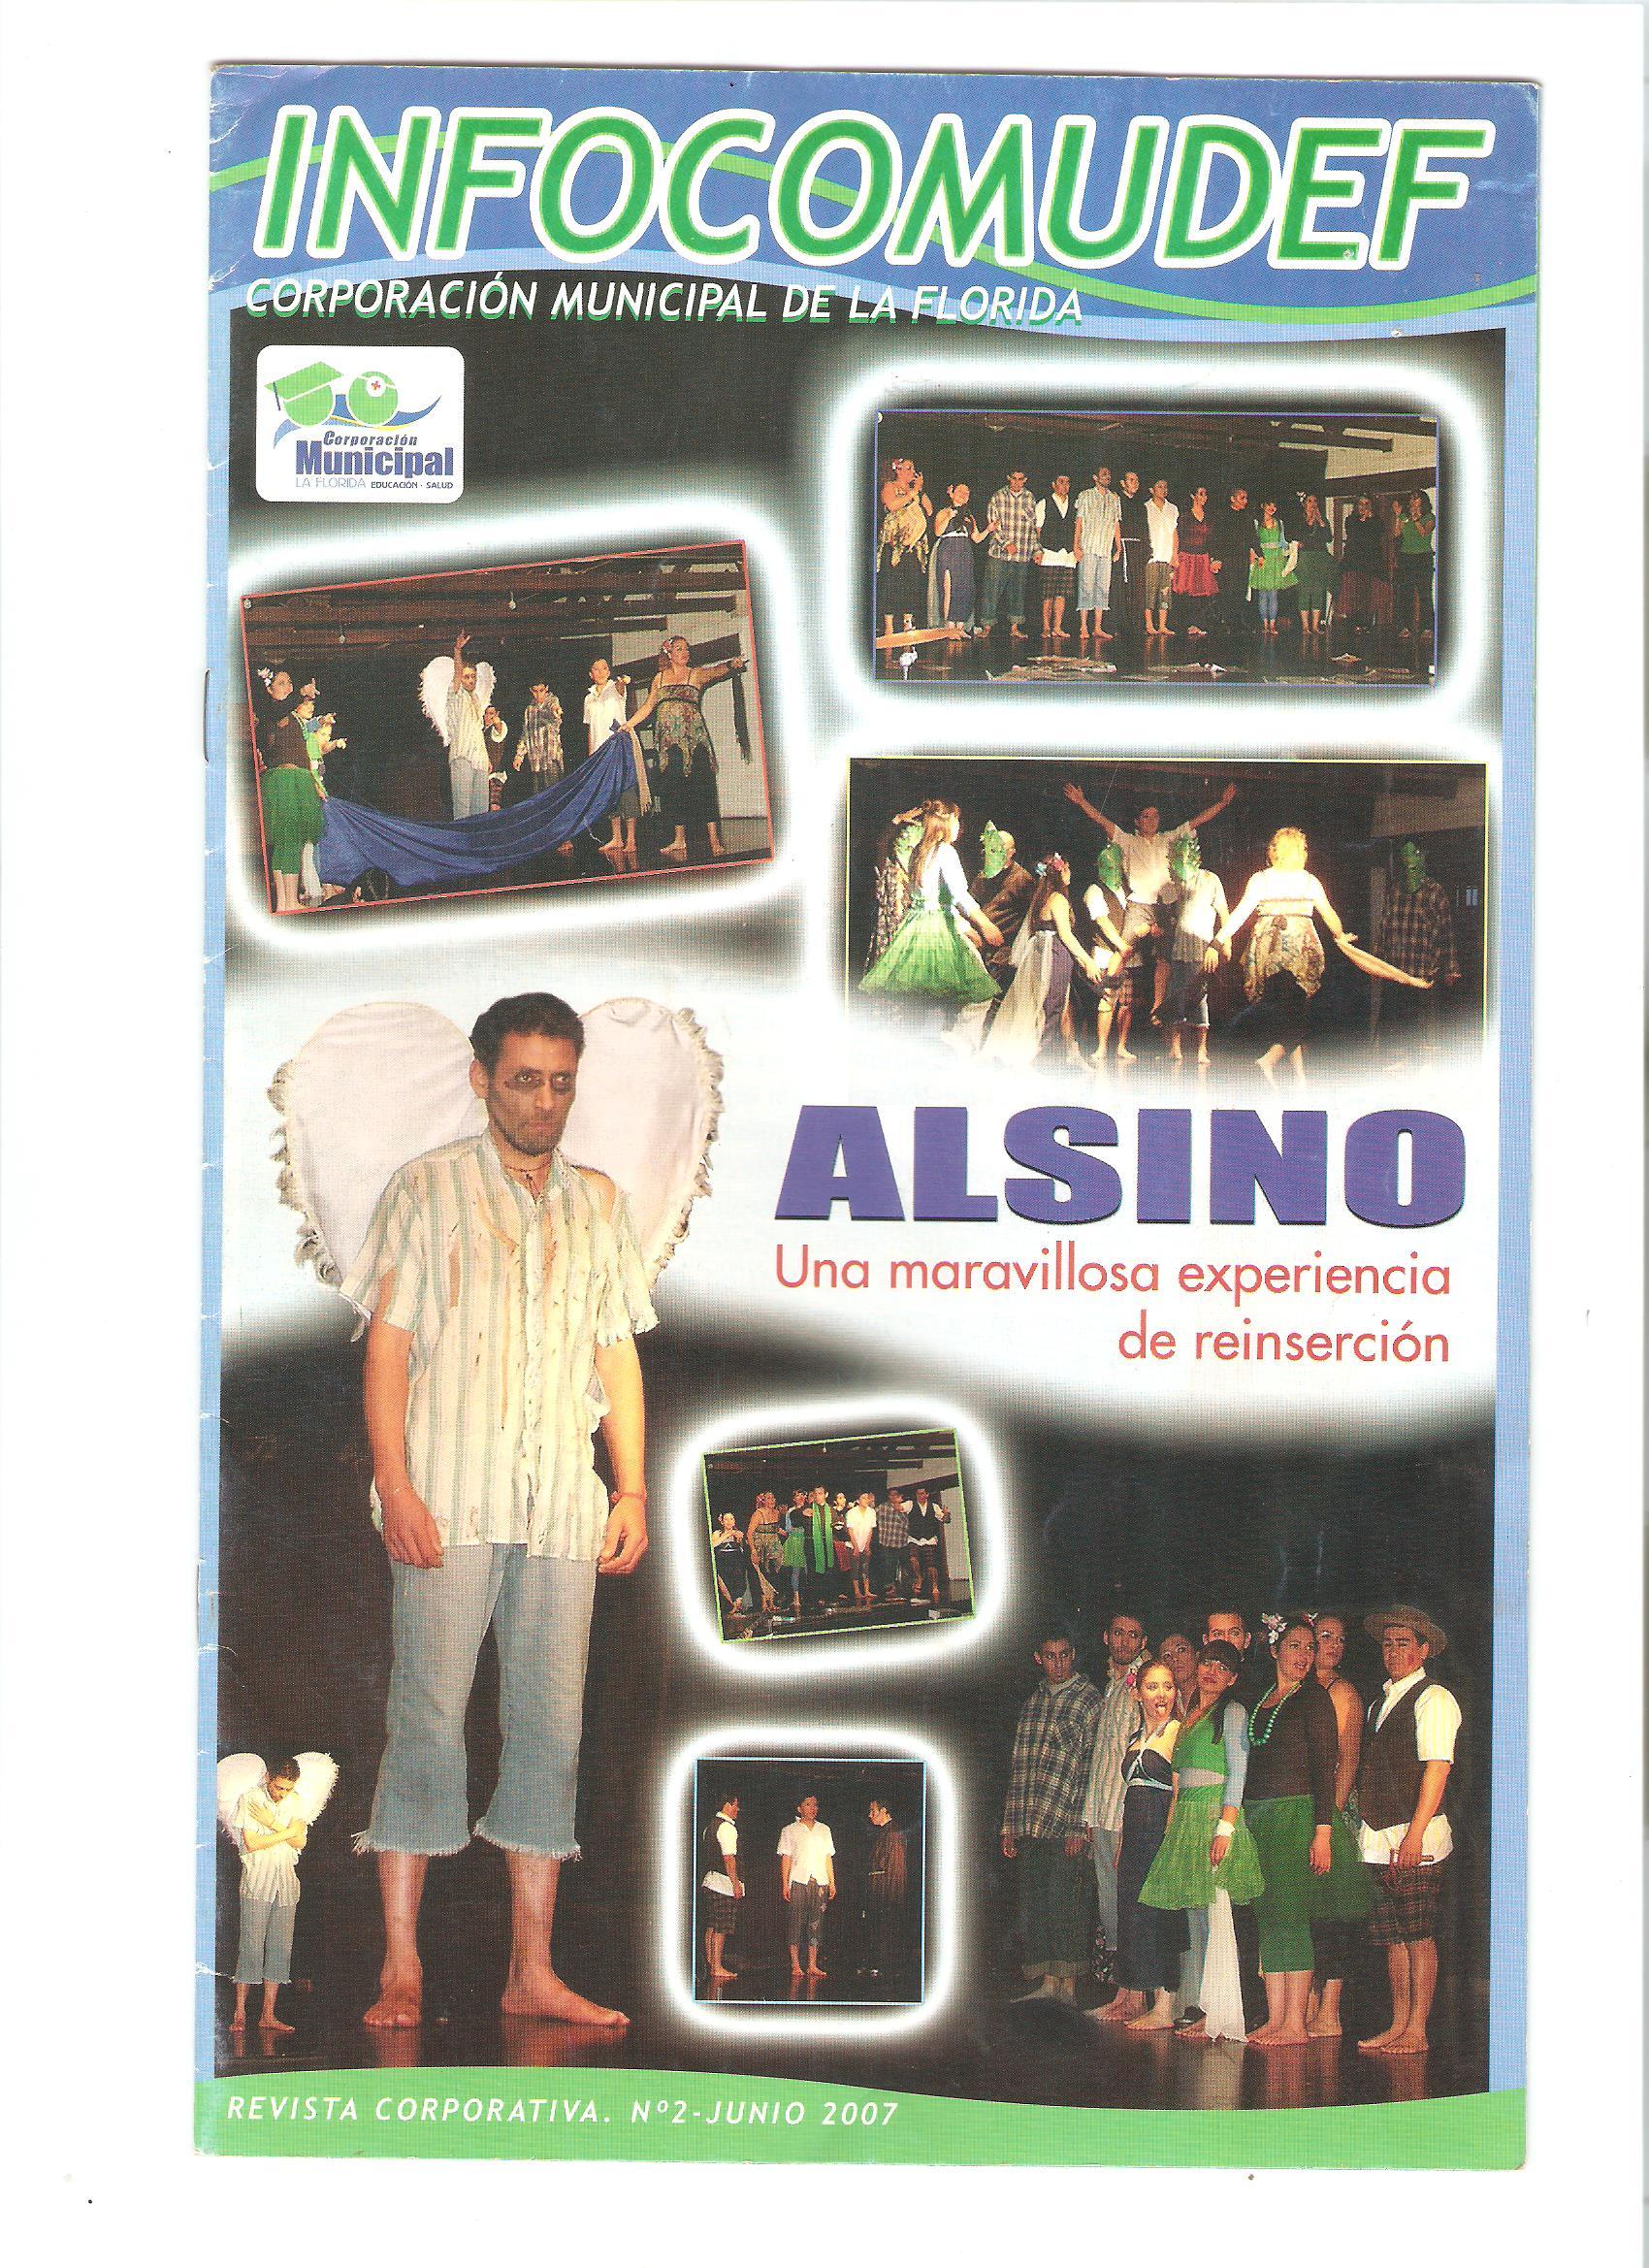 Portada infocomudef 2007